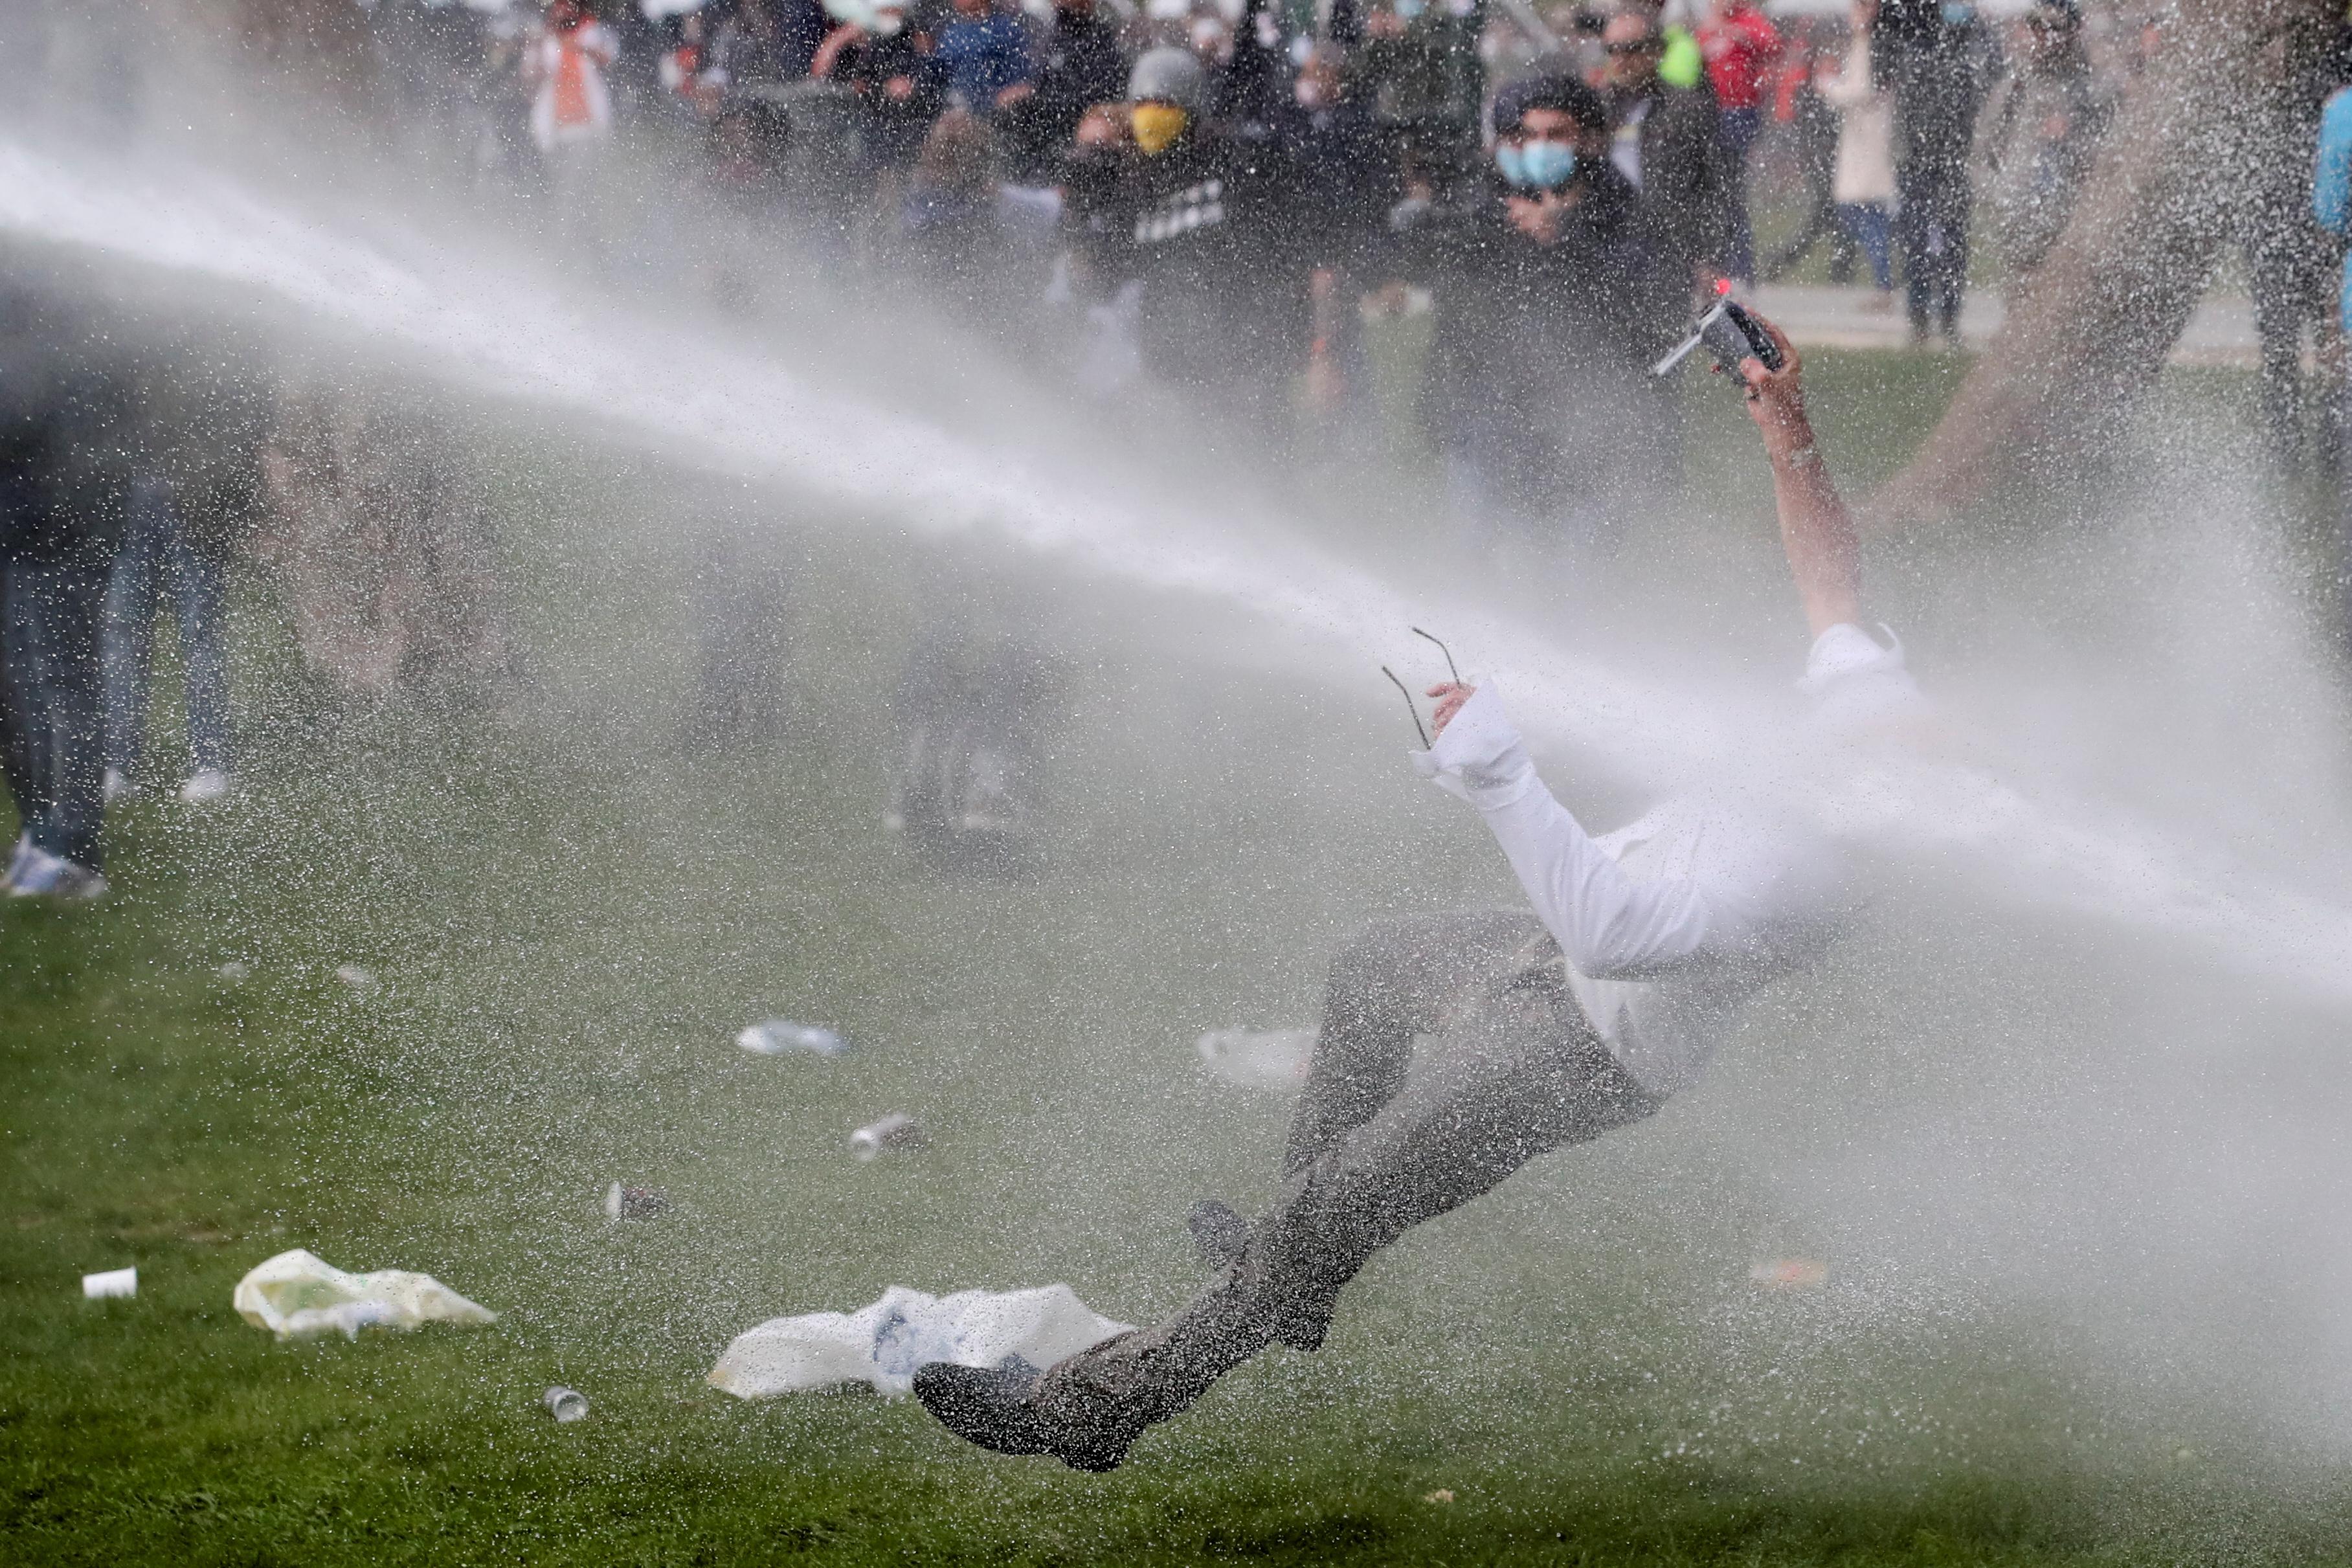 """在冲突中,当人们聚集在Bois de la Cambre / Ter Kamerenbos公园参加名为"""" La Boum 2""""的聚会时,一个人被水炮所淹没,这违反了比利时的冠状病毒病(COVID-19)社会疏远措施和限制。比利时布鲁塞尔,1年2021月XNUMX日。路透社/伊夫·赫尔曼(Yves Herman)"""